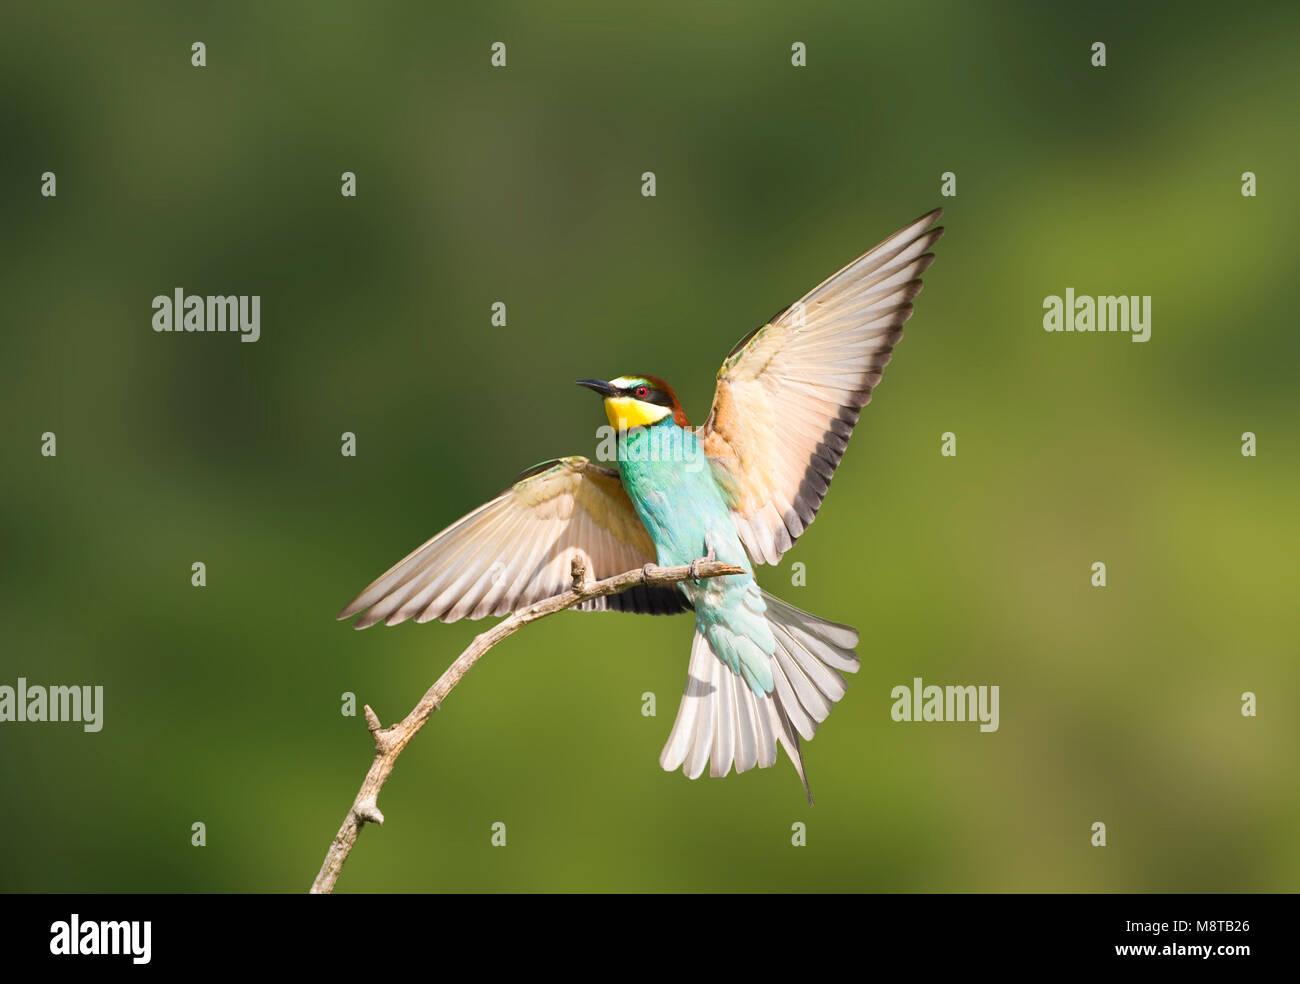 Bijeneter in vlucht; European Bee-eater in flight Stock Photo